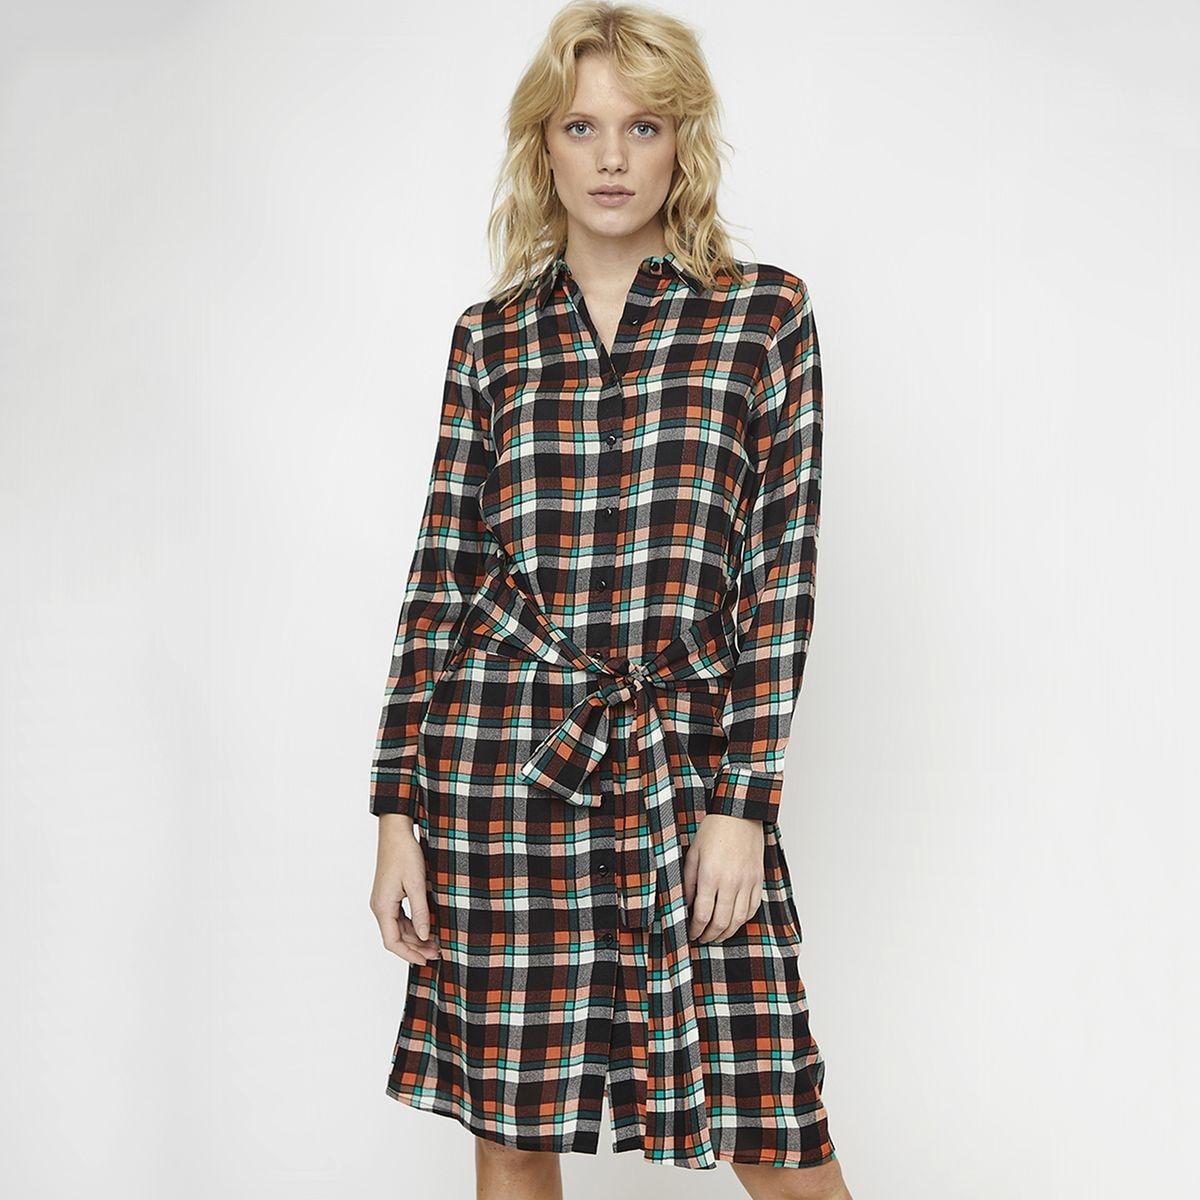 Robe-chemise longueur genou carreaux ceinture